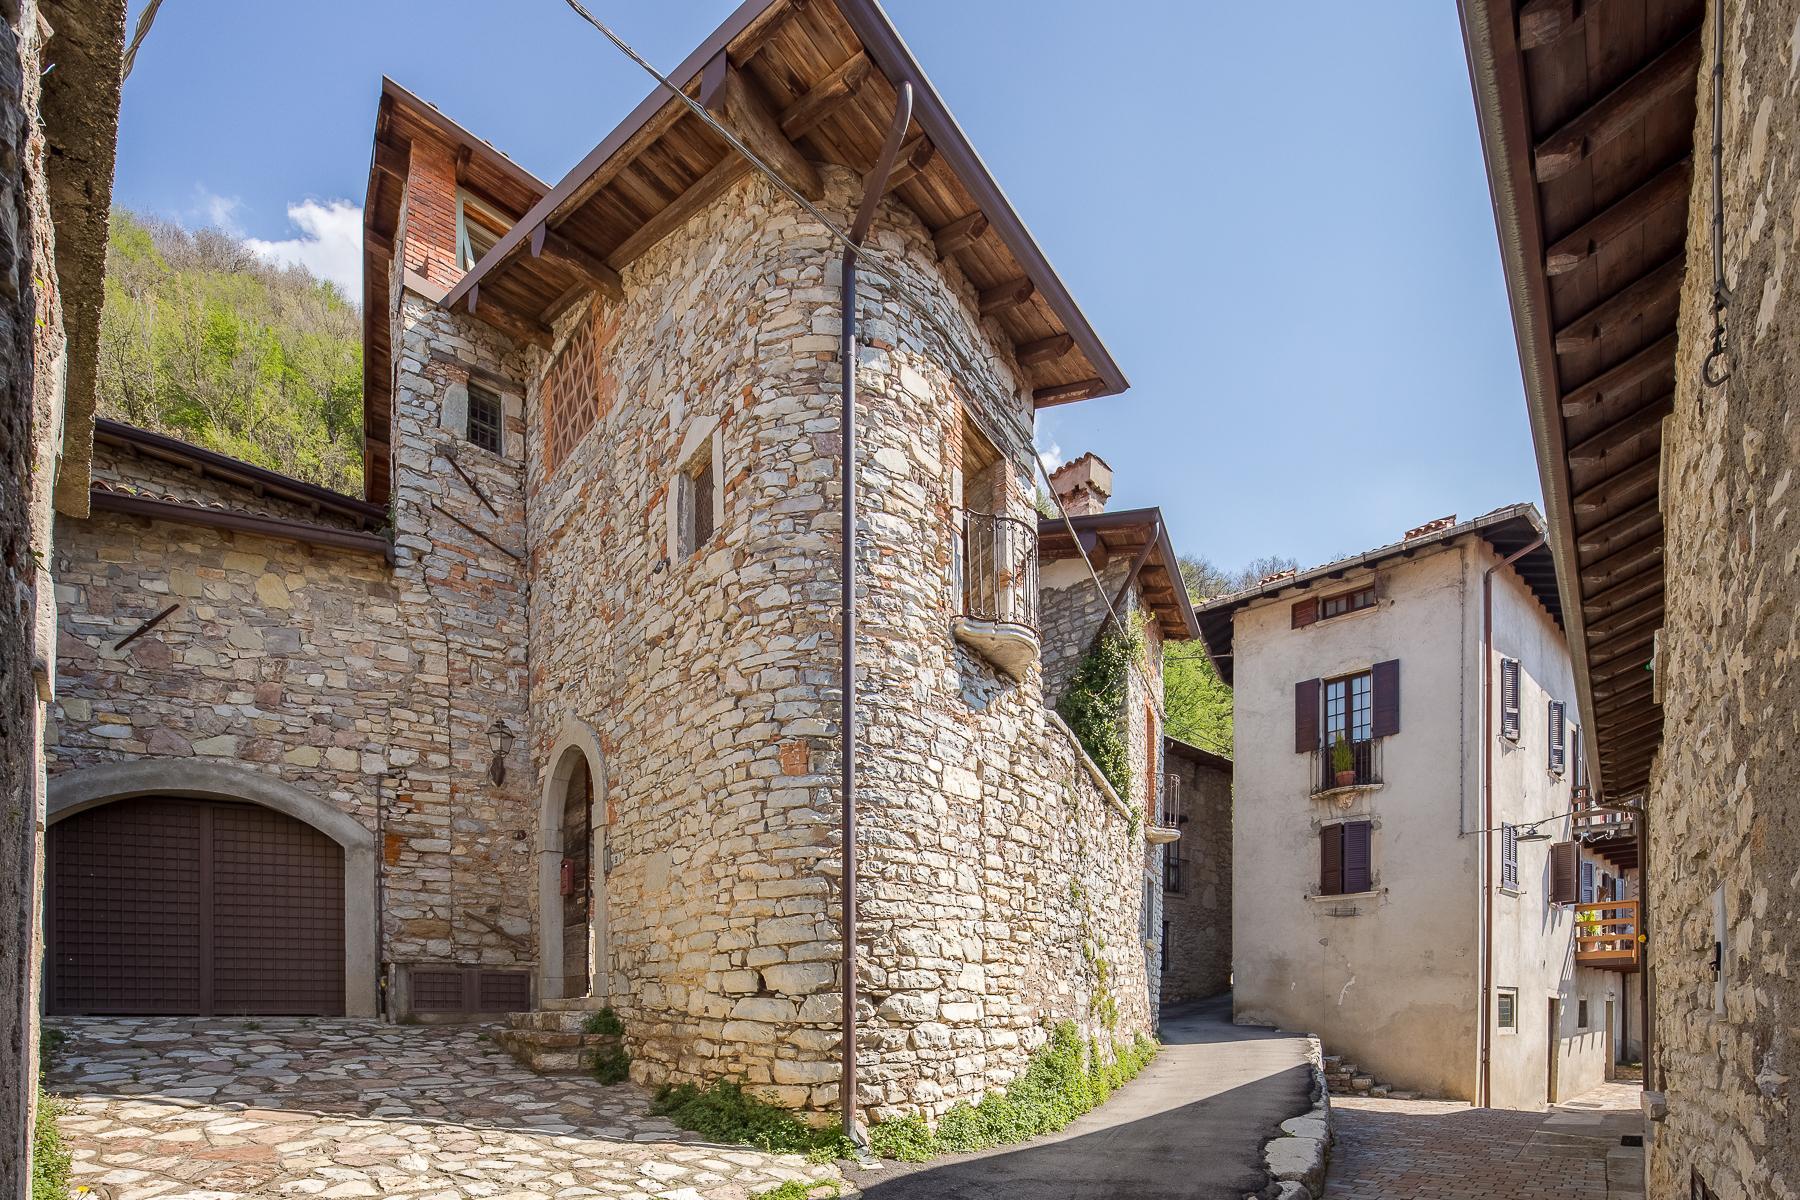 坐落在山坡之上安静村庄内的石头房屋 - 18